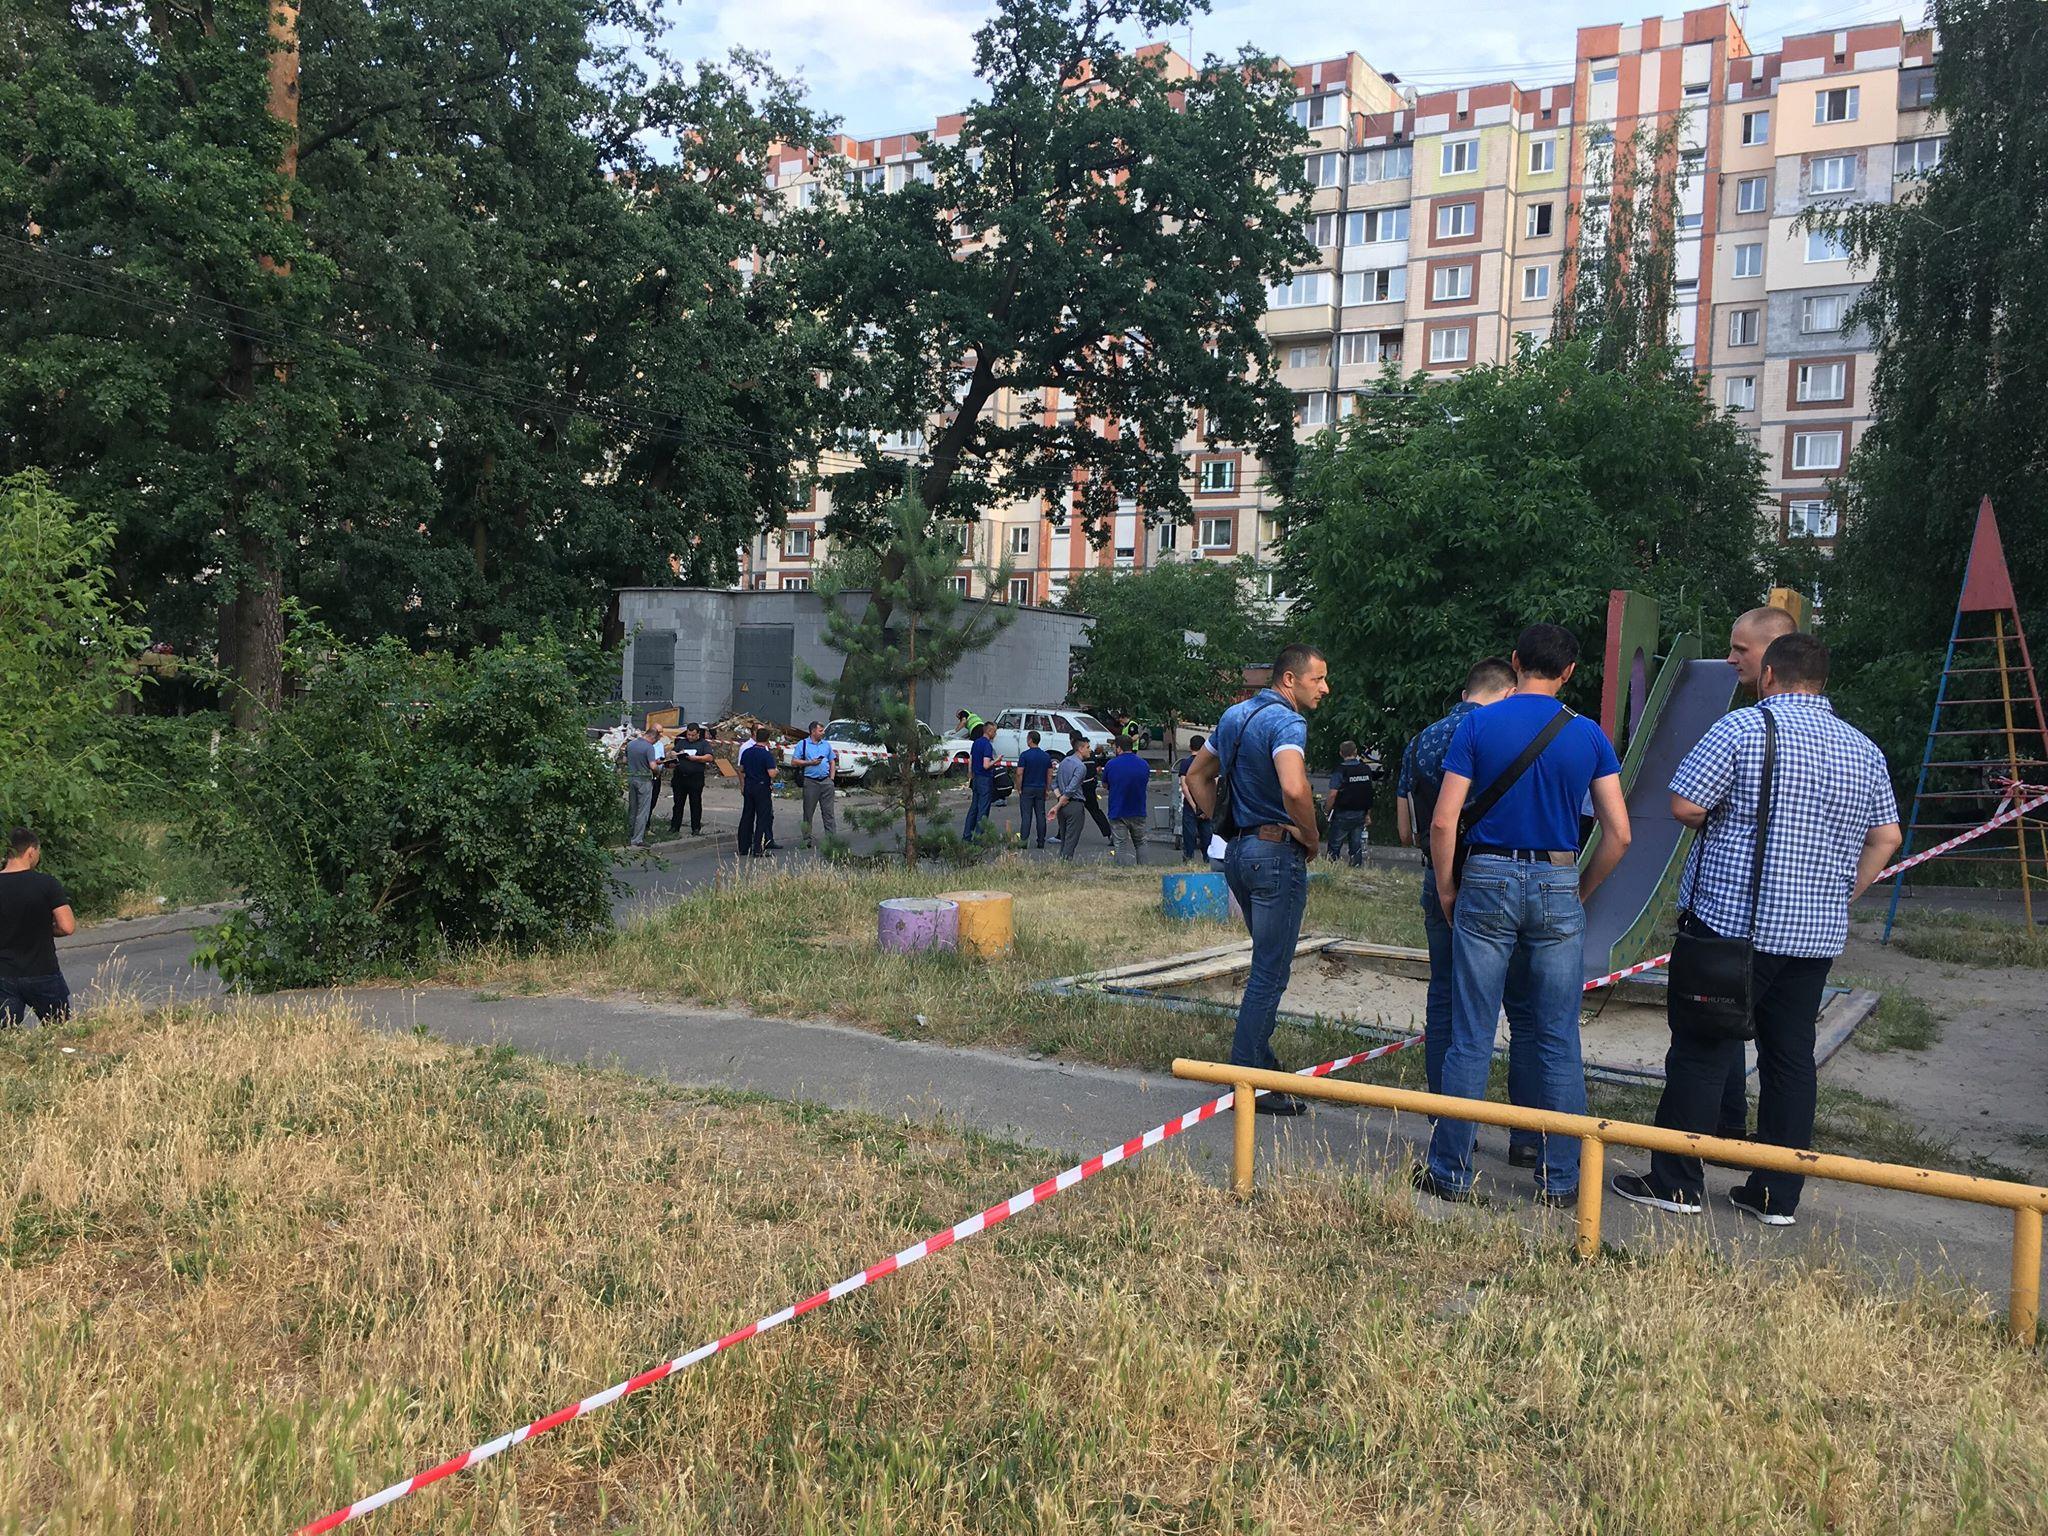 Полицейские тщательно обследуют территорию вокруг места происшествия, опрашивают свидетелей и очевидцев инцидента